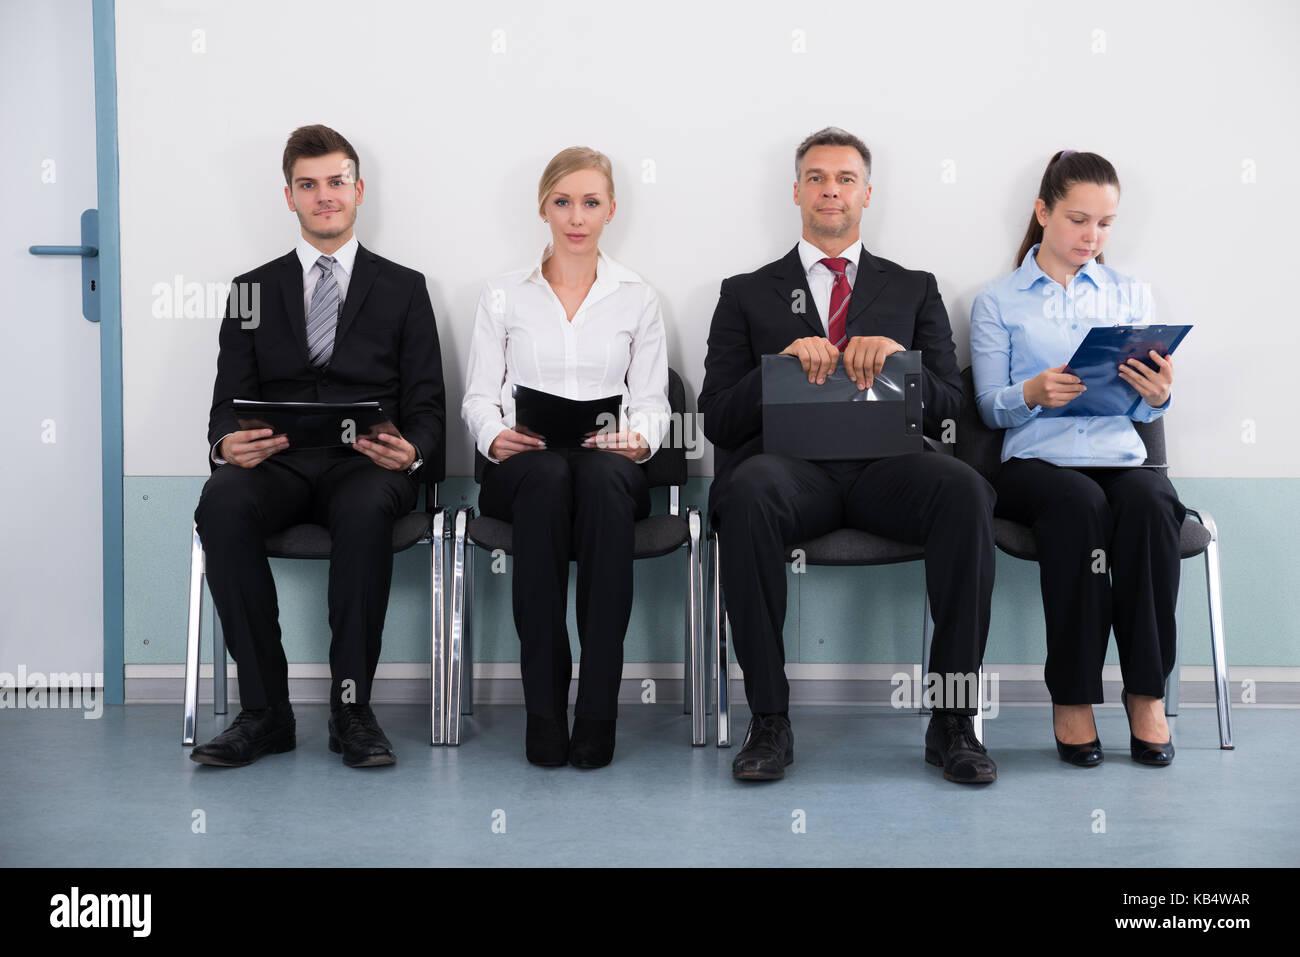 El grupo de empresarios con archivos sentado en una silla para dar entrevista Imagen De Stock